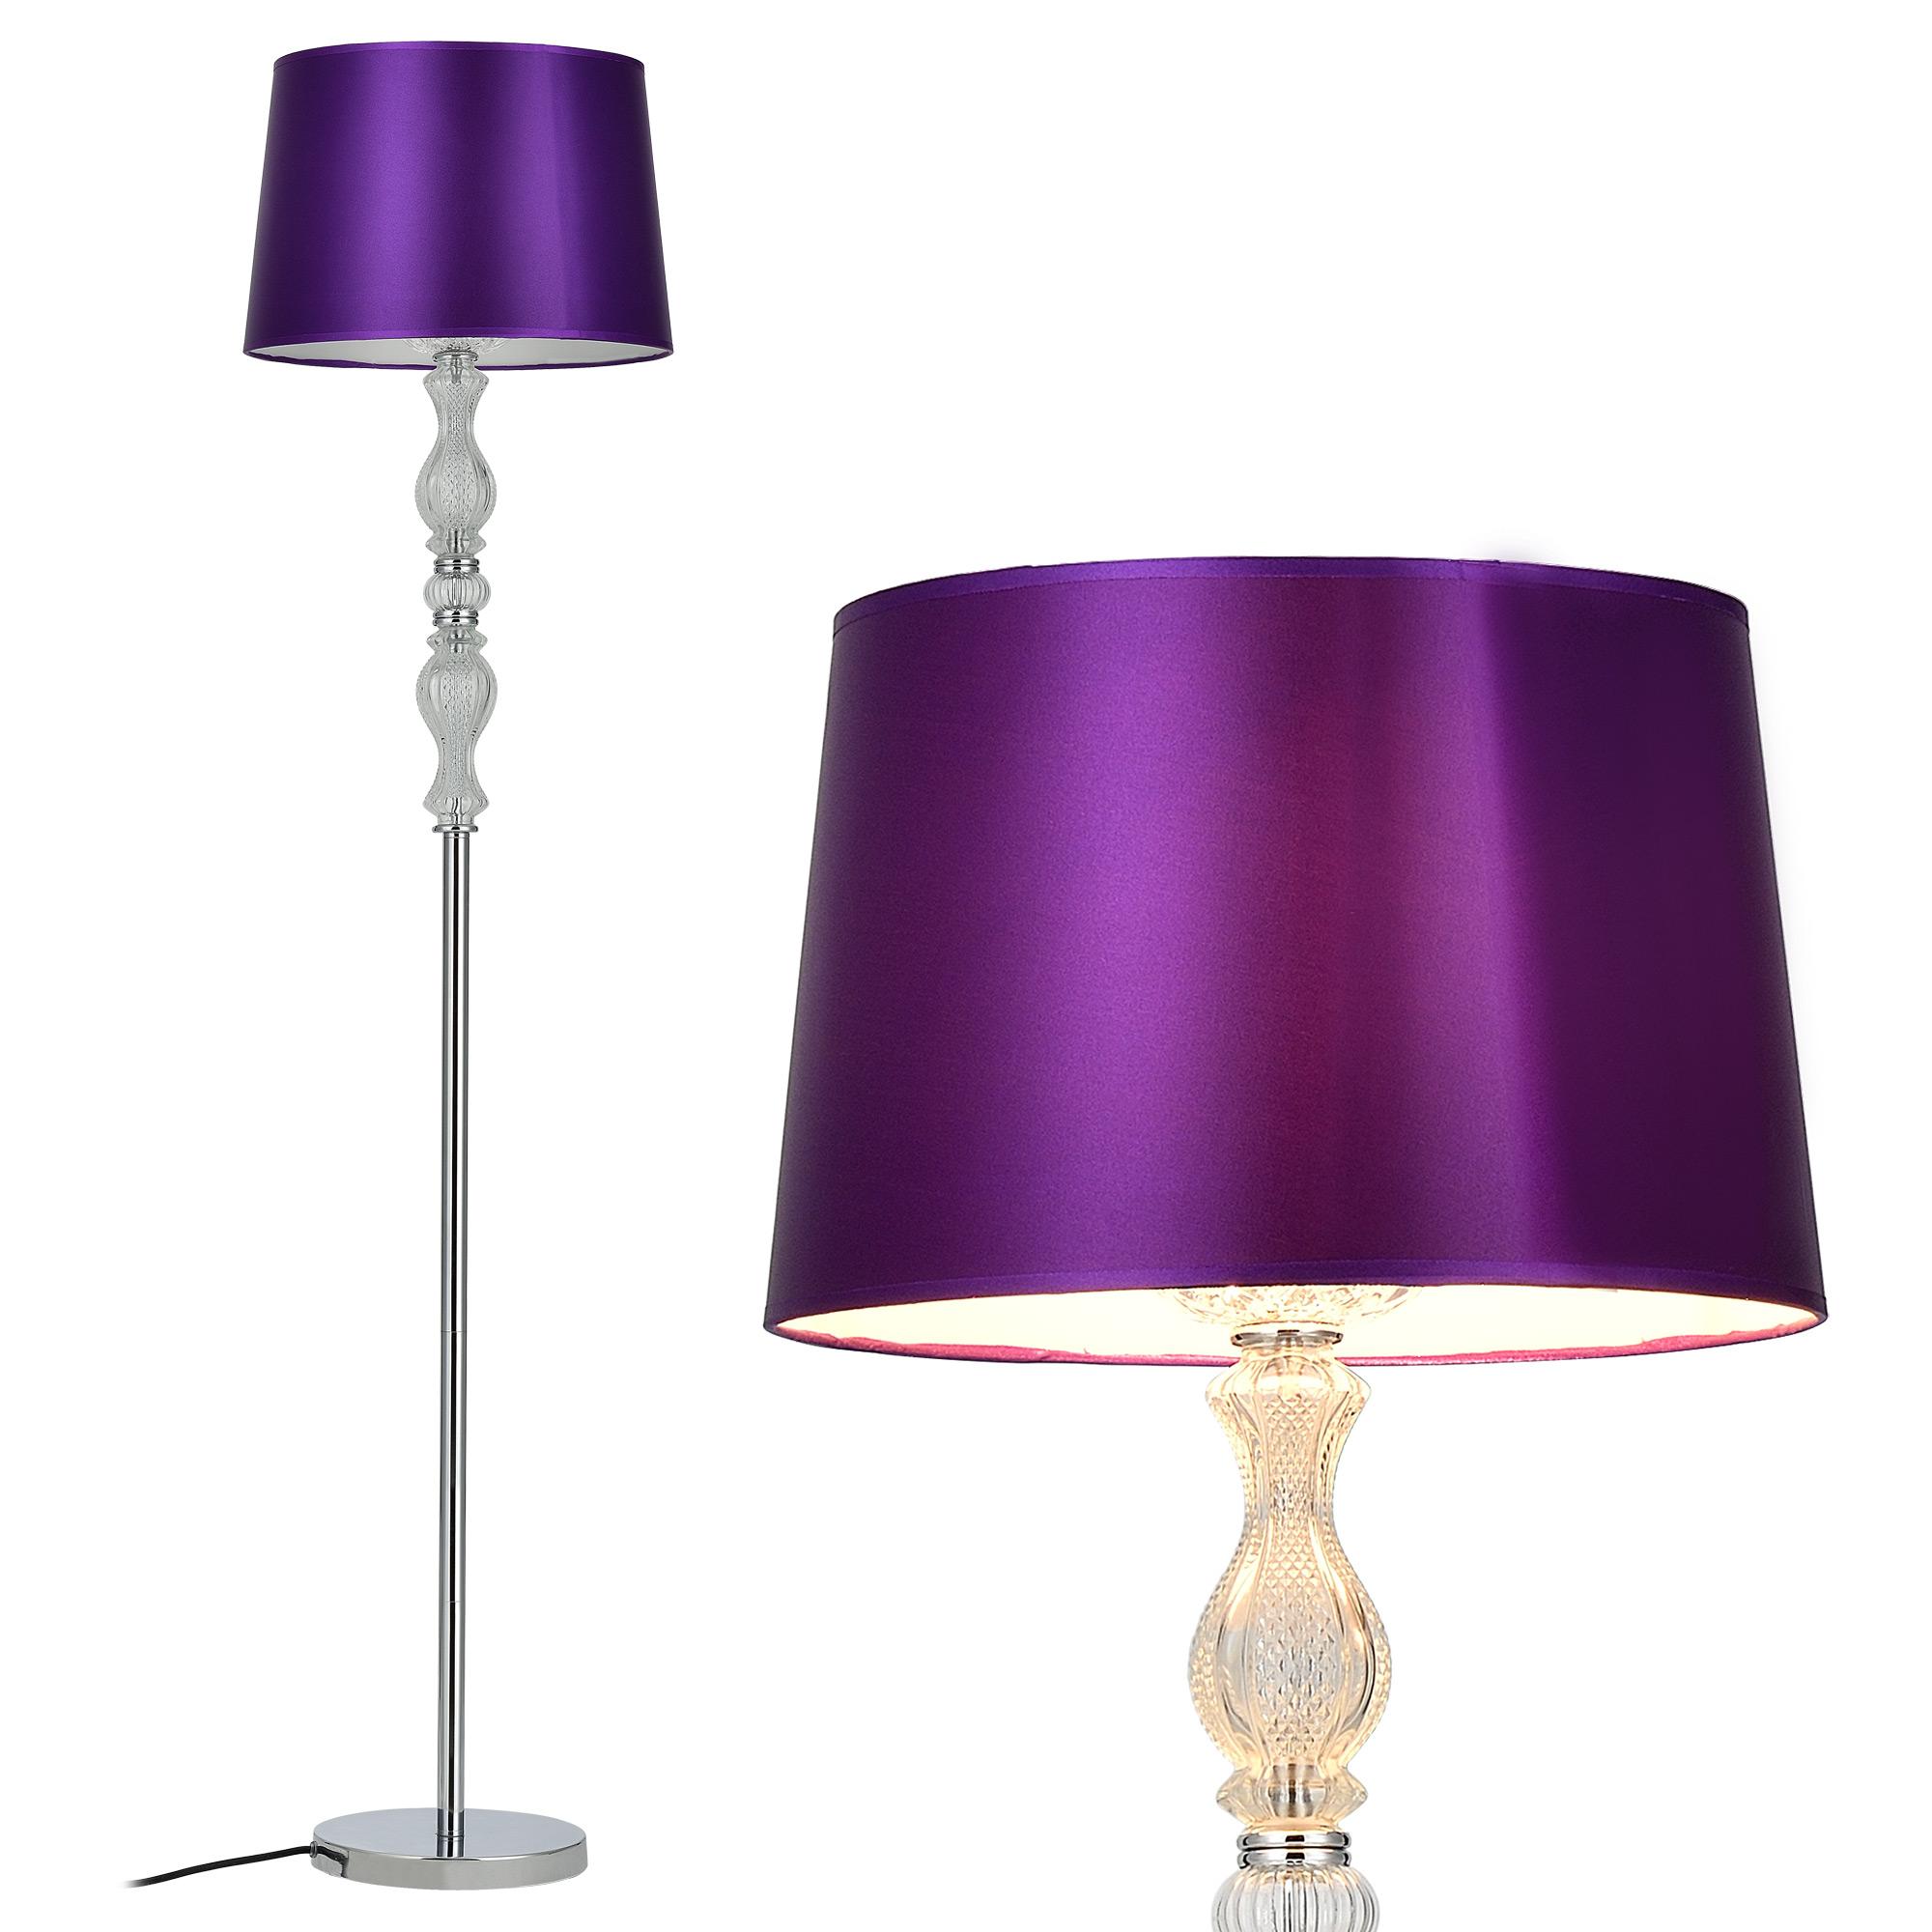 Edel Stehleuchte Stehlampe Lampe Wohnzimmerlampe Leuchte Standleuchte Kristall